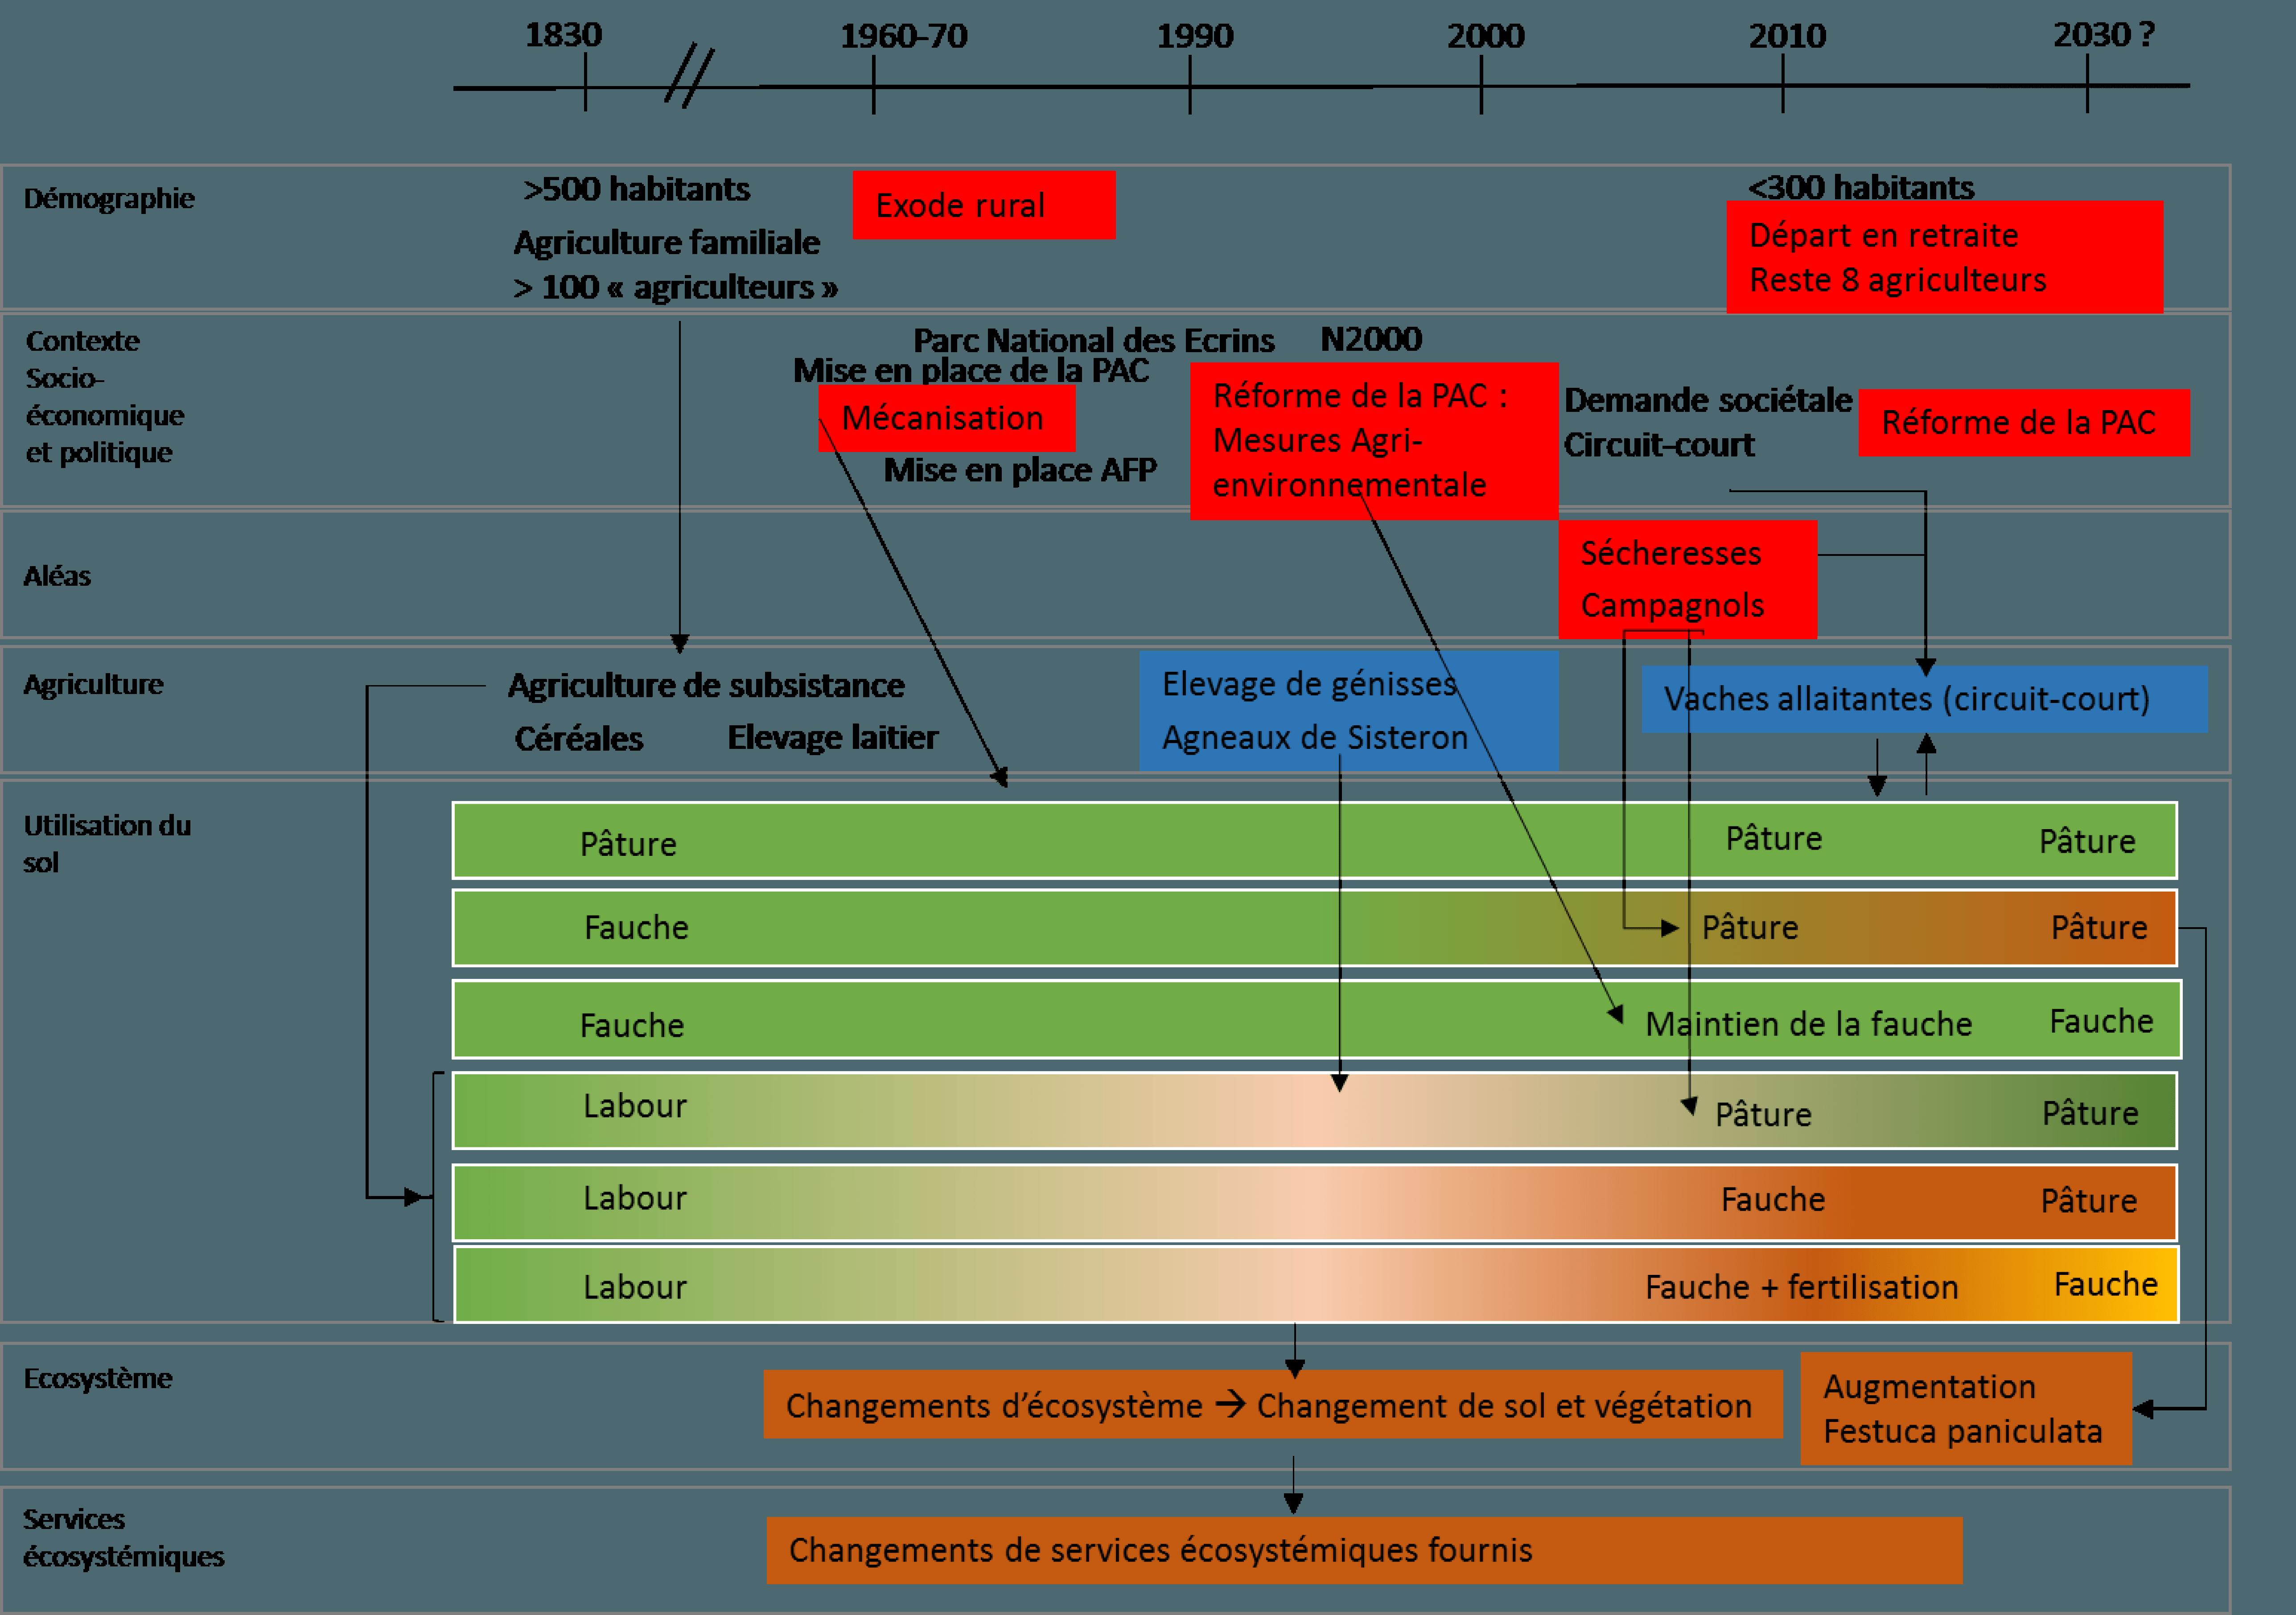 Frise 10 : Impacts des changements globaux sur l'utilisation du sol et la fourniture de services écosystémiques au col du Lautaret. Source : Pénélope Lamarque, LECA, géographie-écologie.